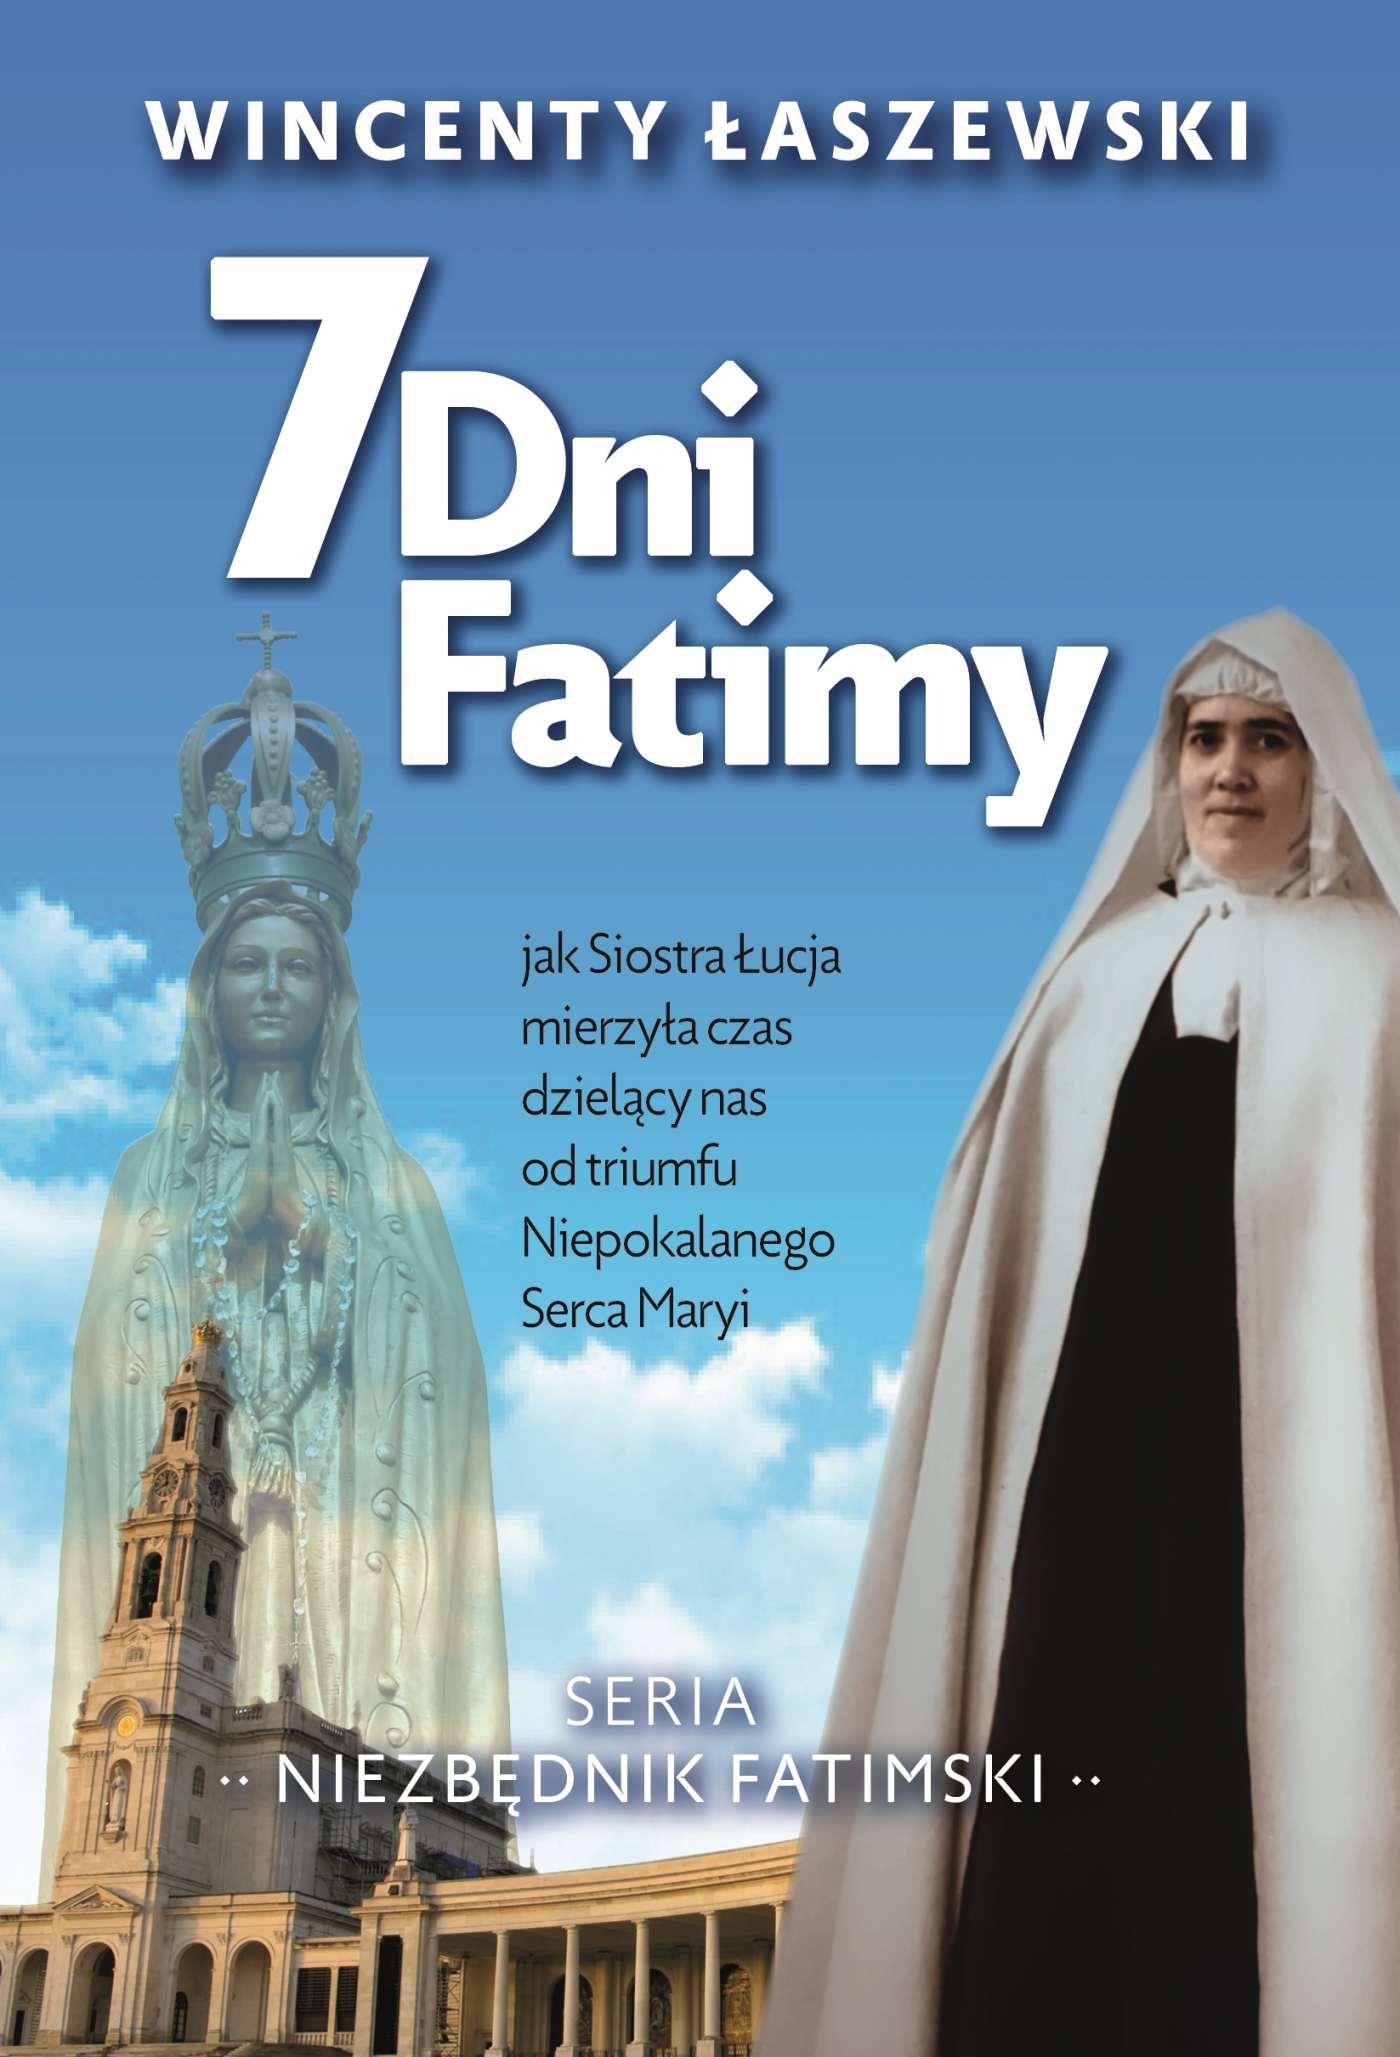 7 dni Fatimy - Ebook (Książka na Kindle) do pobrania w formacie MOBI